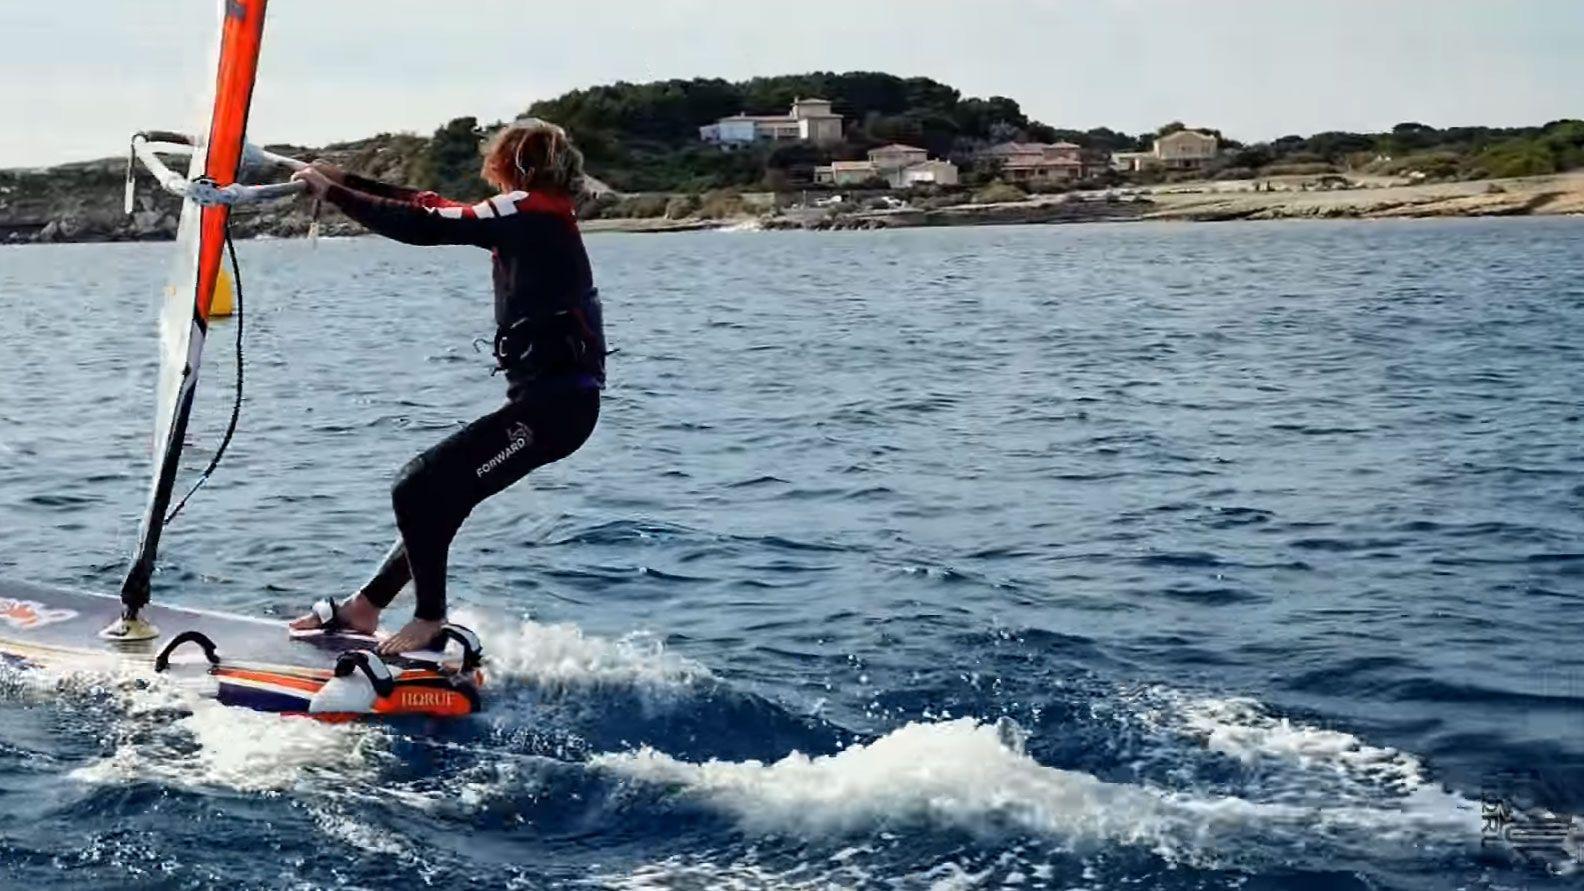 Foil Magazine Supfoil Kitefoil Surffoil Windfoil Hydrofoil Tutoriel Video Horue Windsurf Foil Le Take Of Planche A Voile Tutoriel Video Tutoriel